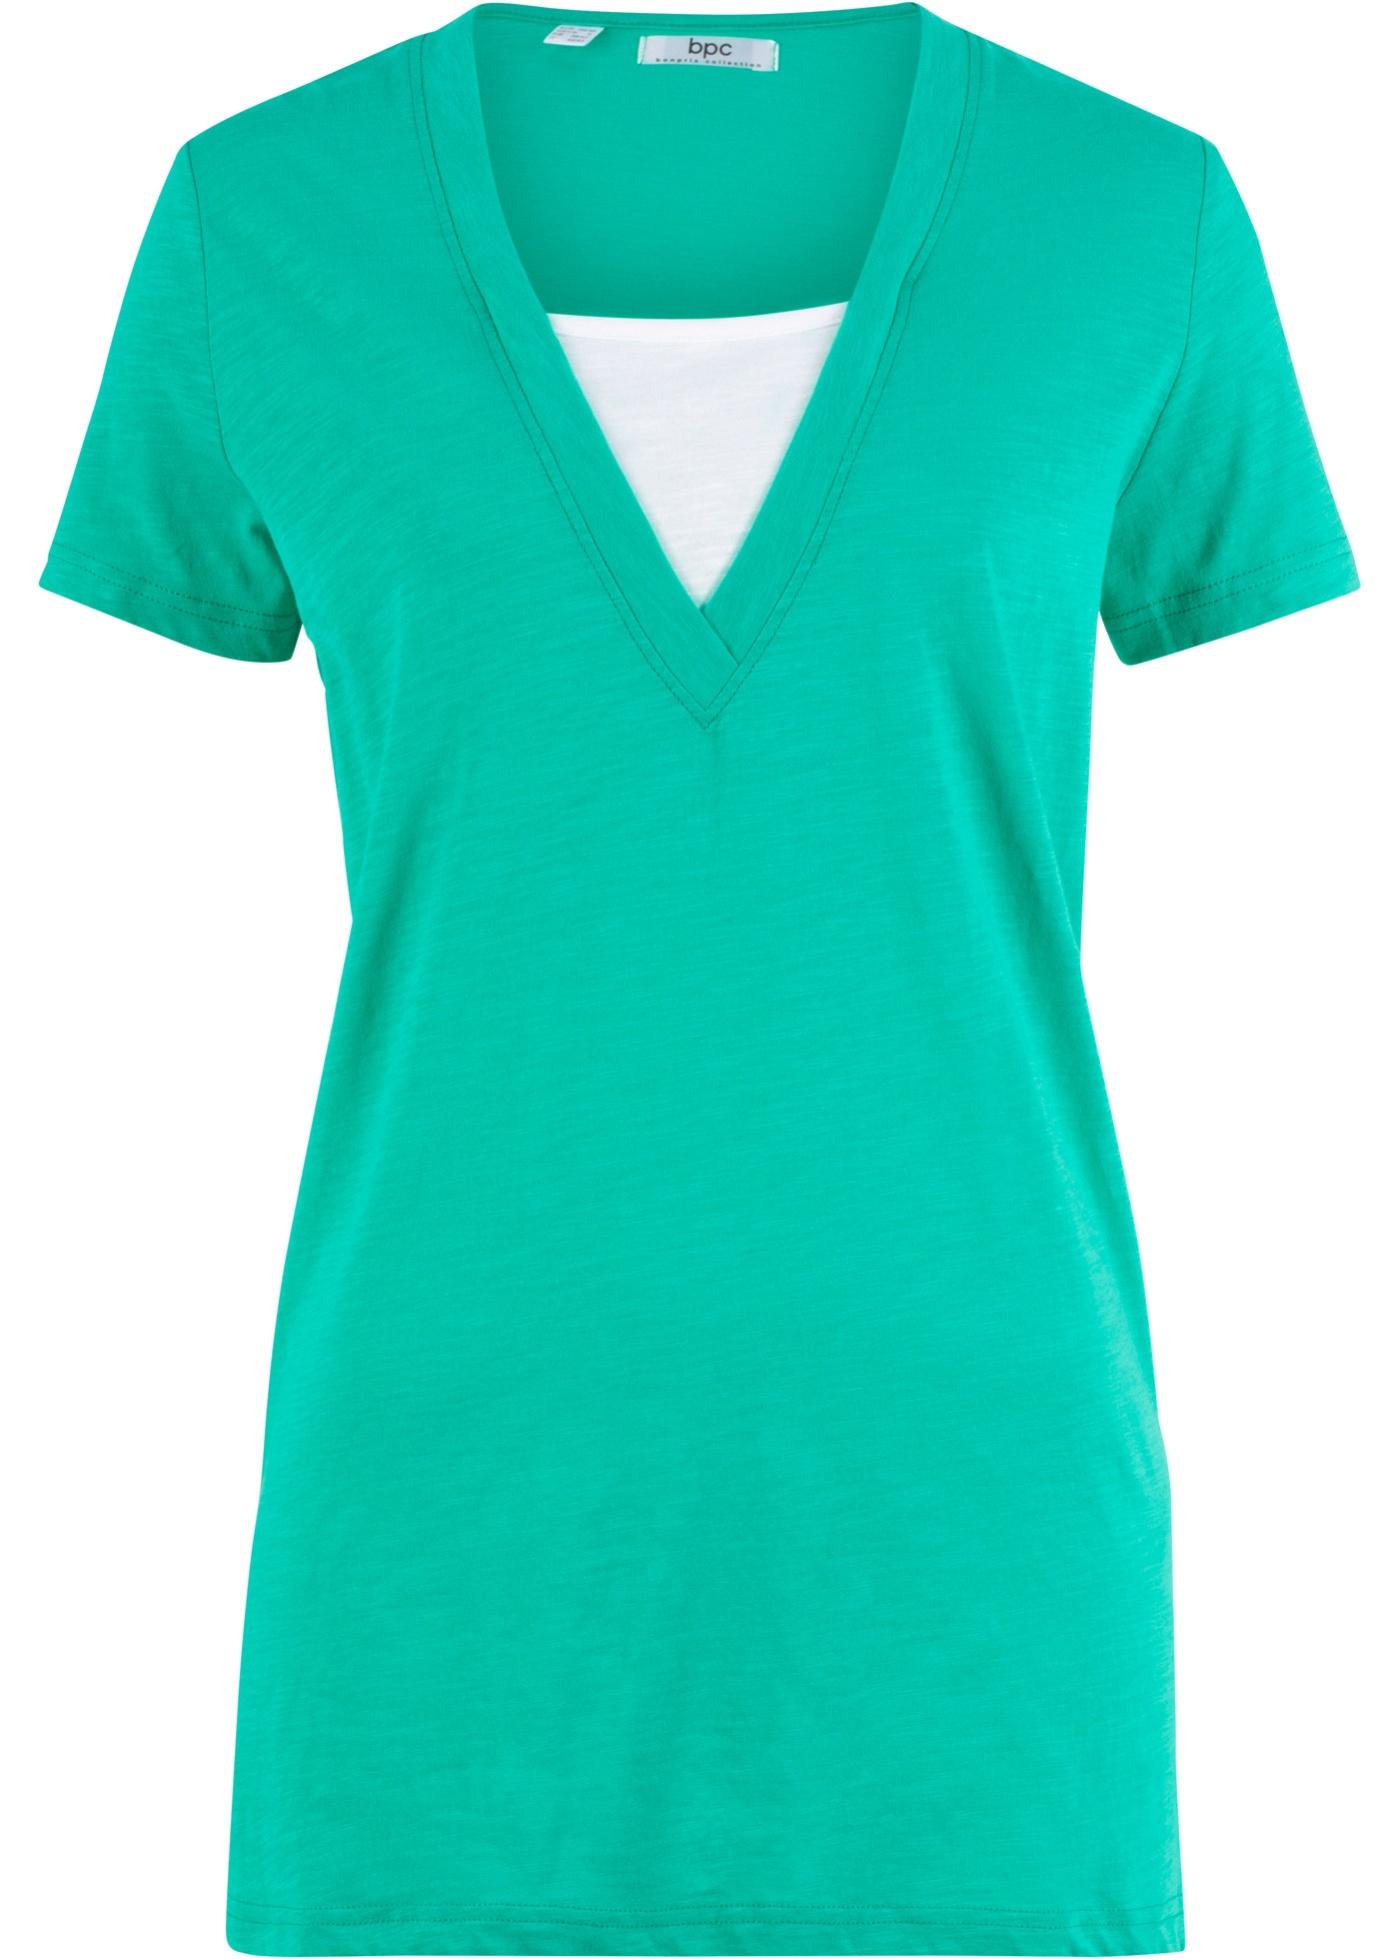 Pour Manches Bonprix Encolure Bpc Vert Courtes Doublée Femme shirt Avec CollectionT 3ulFK5TJc1